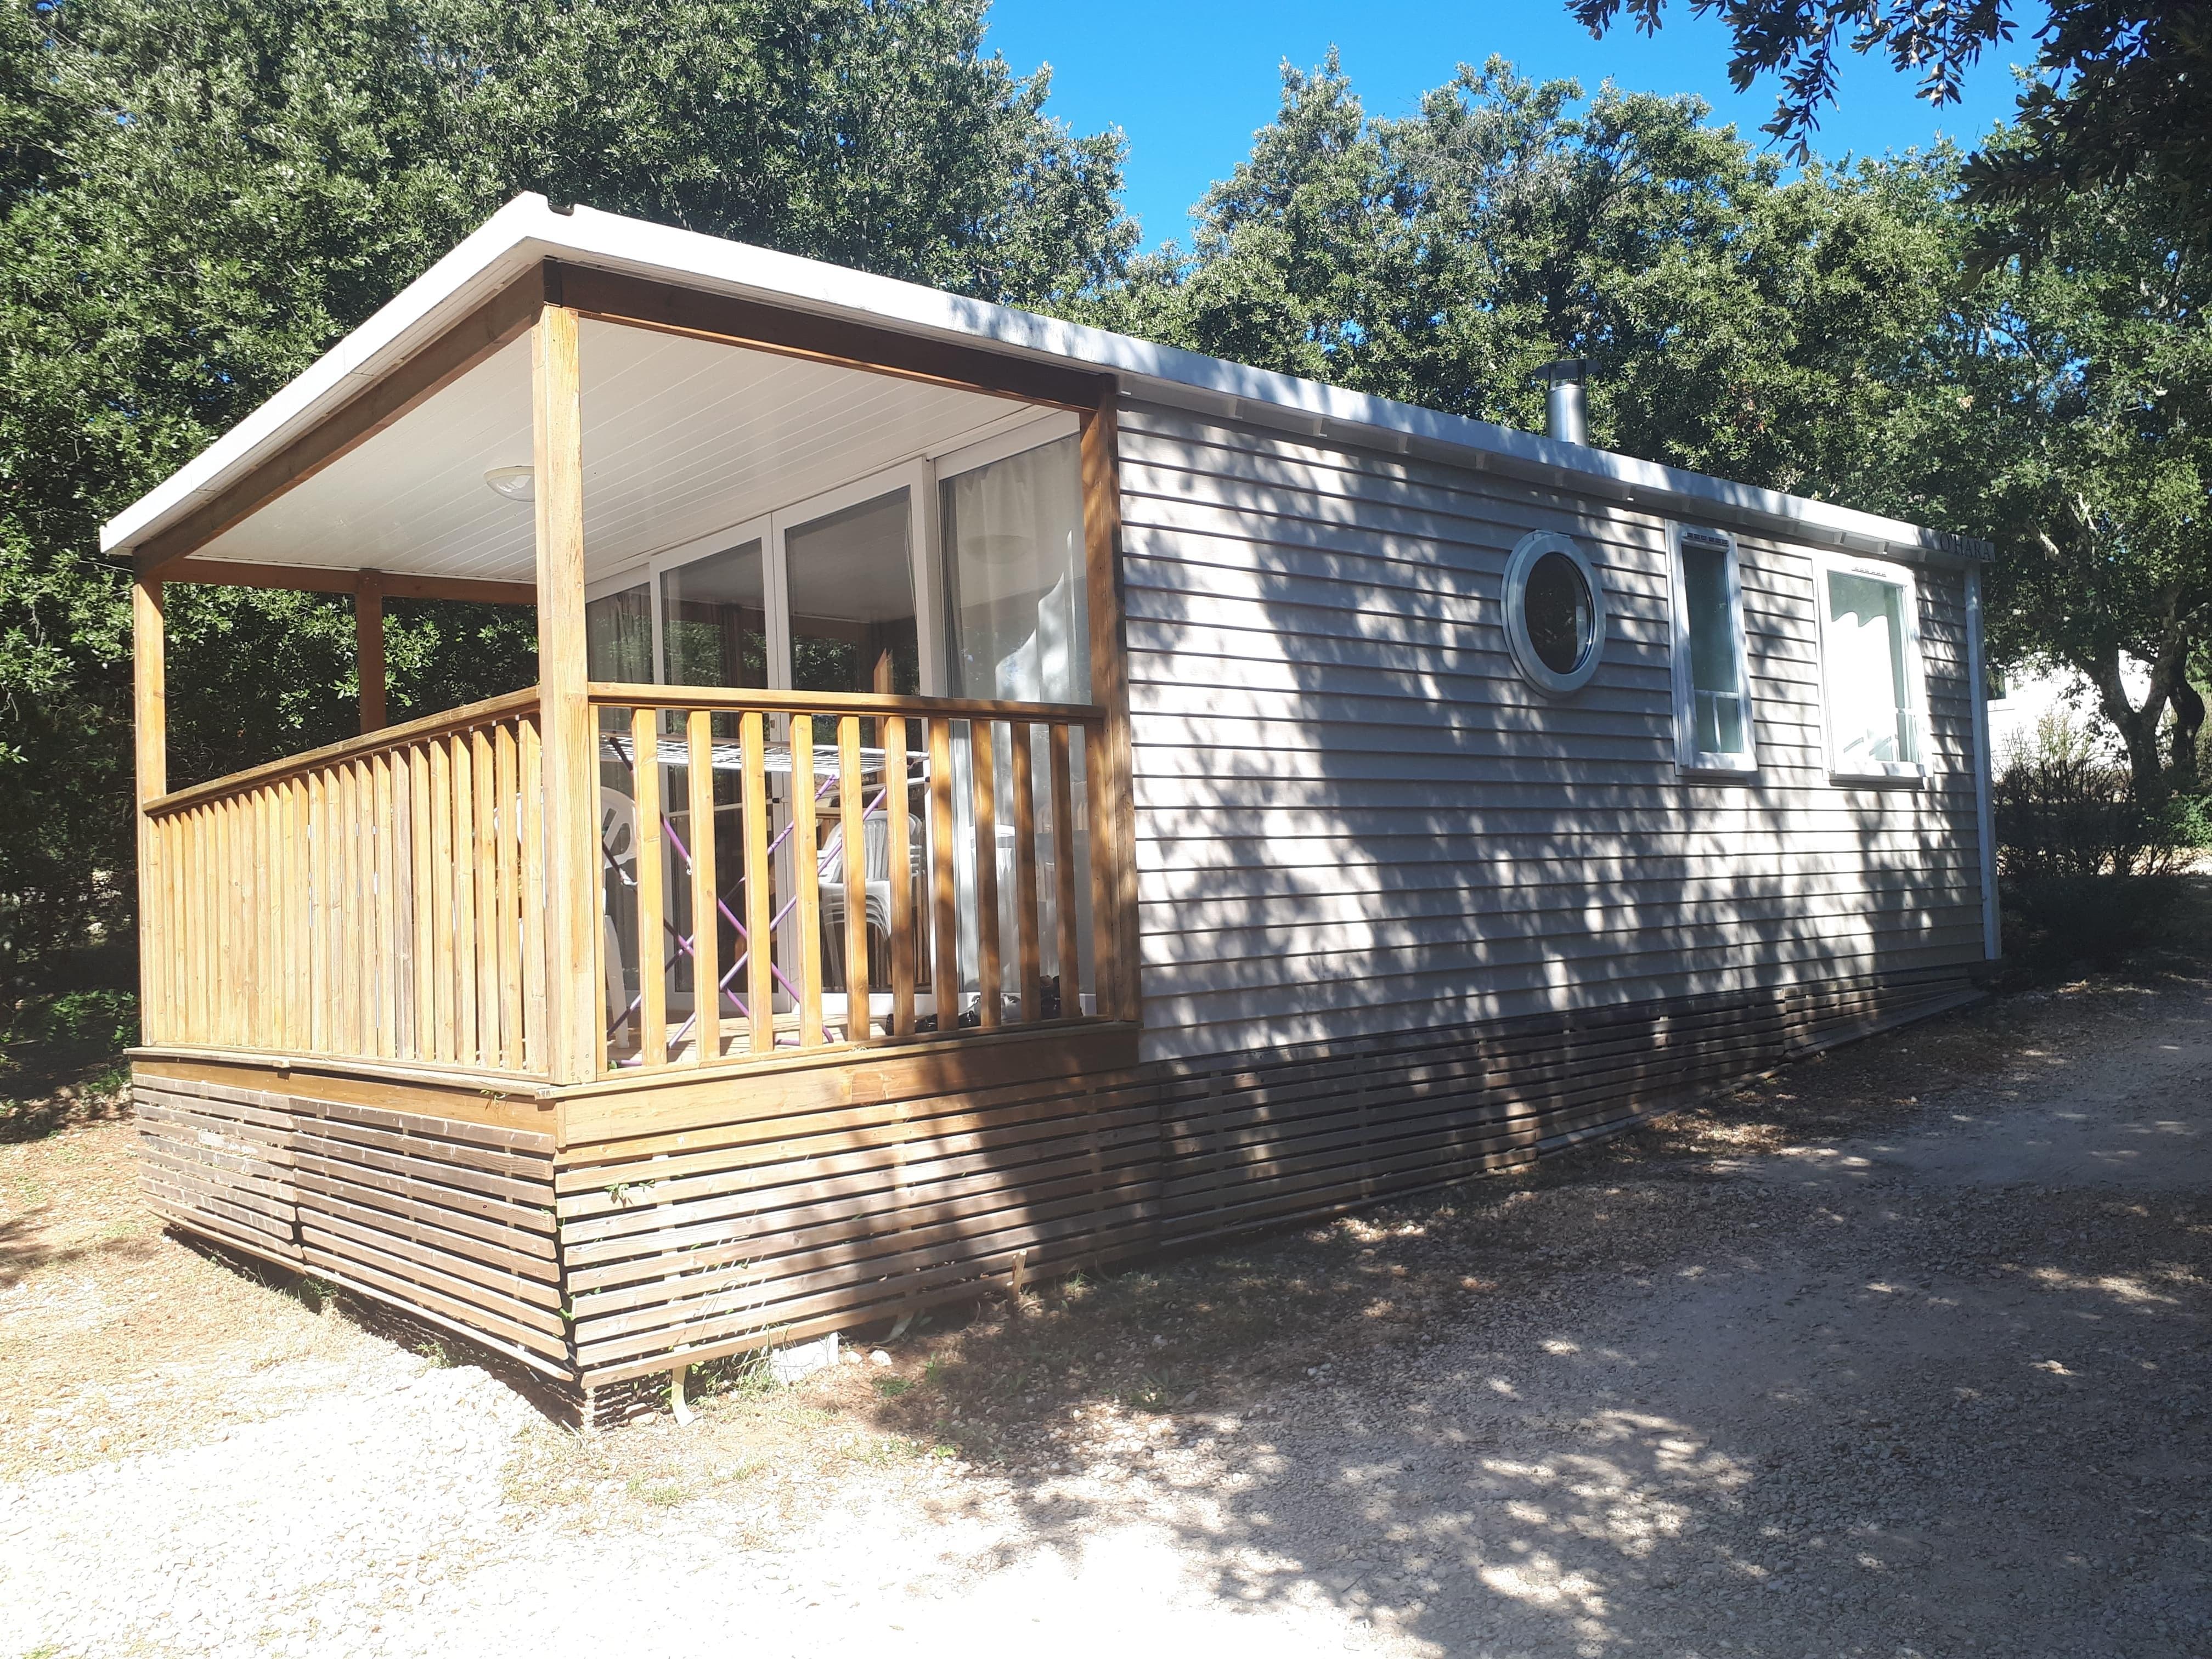 loggia premium exterieur 01 - camping piscine familial proche ardeche gorges